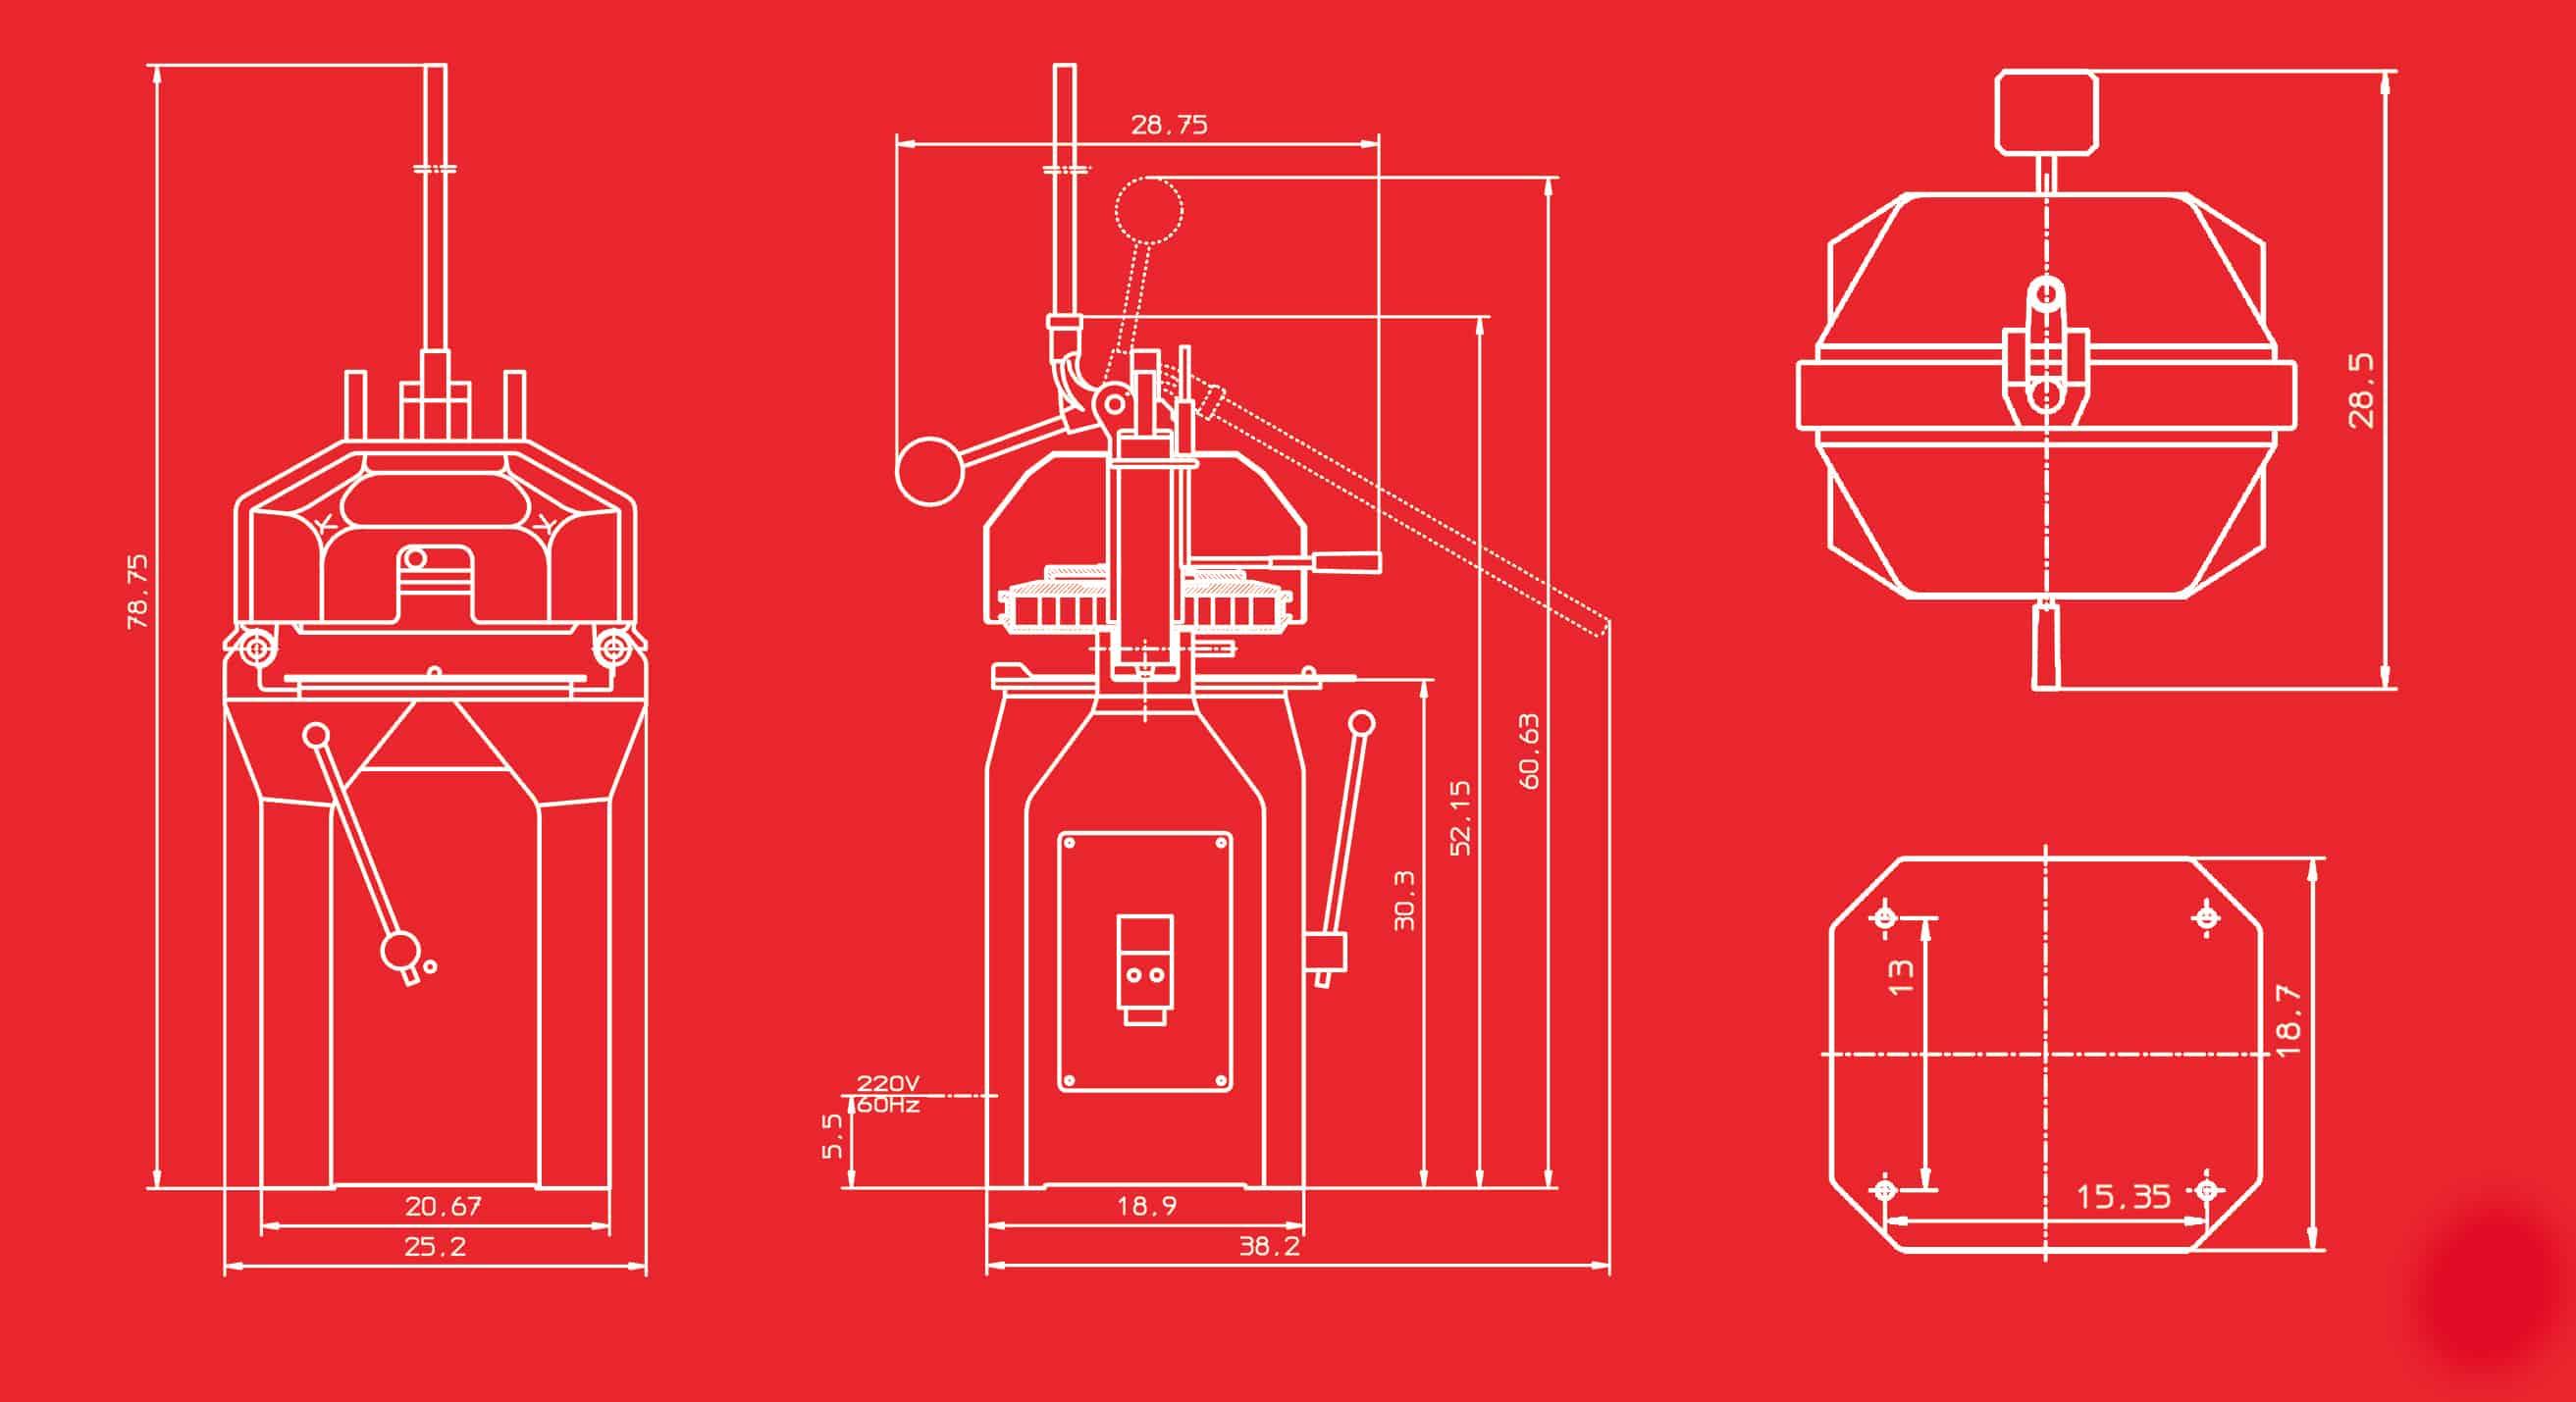 SEMI/SEMI RH Divider/Rounder Dimensional Drawings